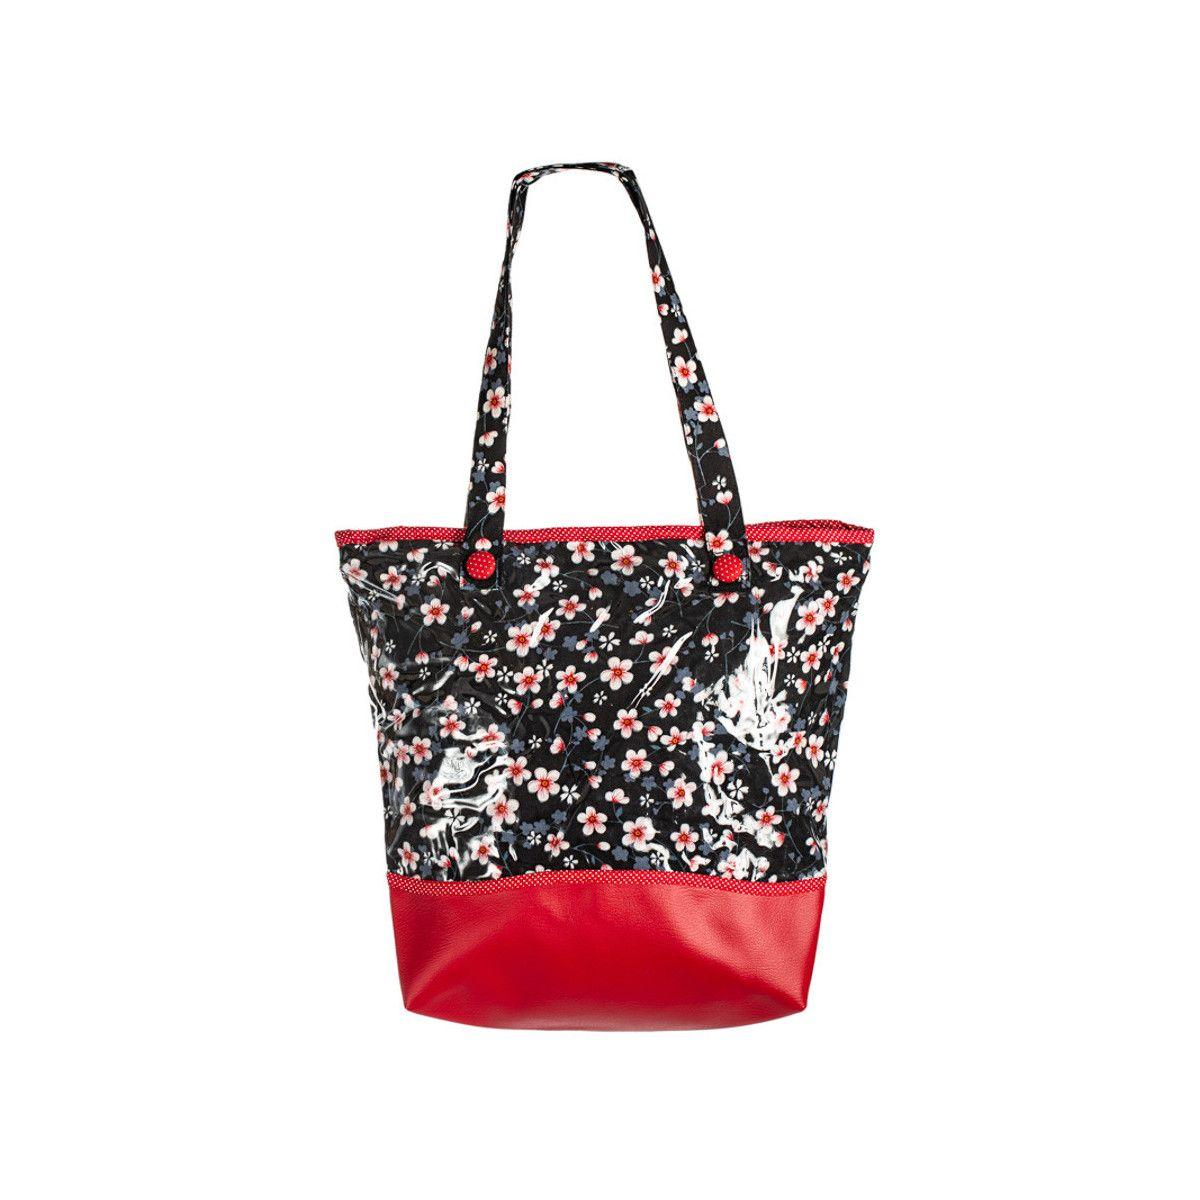 sac-cabas-original-tissu-étanche-rouge-et-noir-à-fleurs